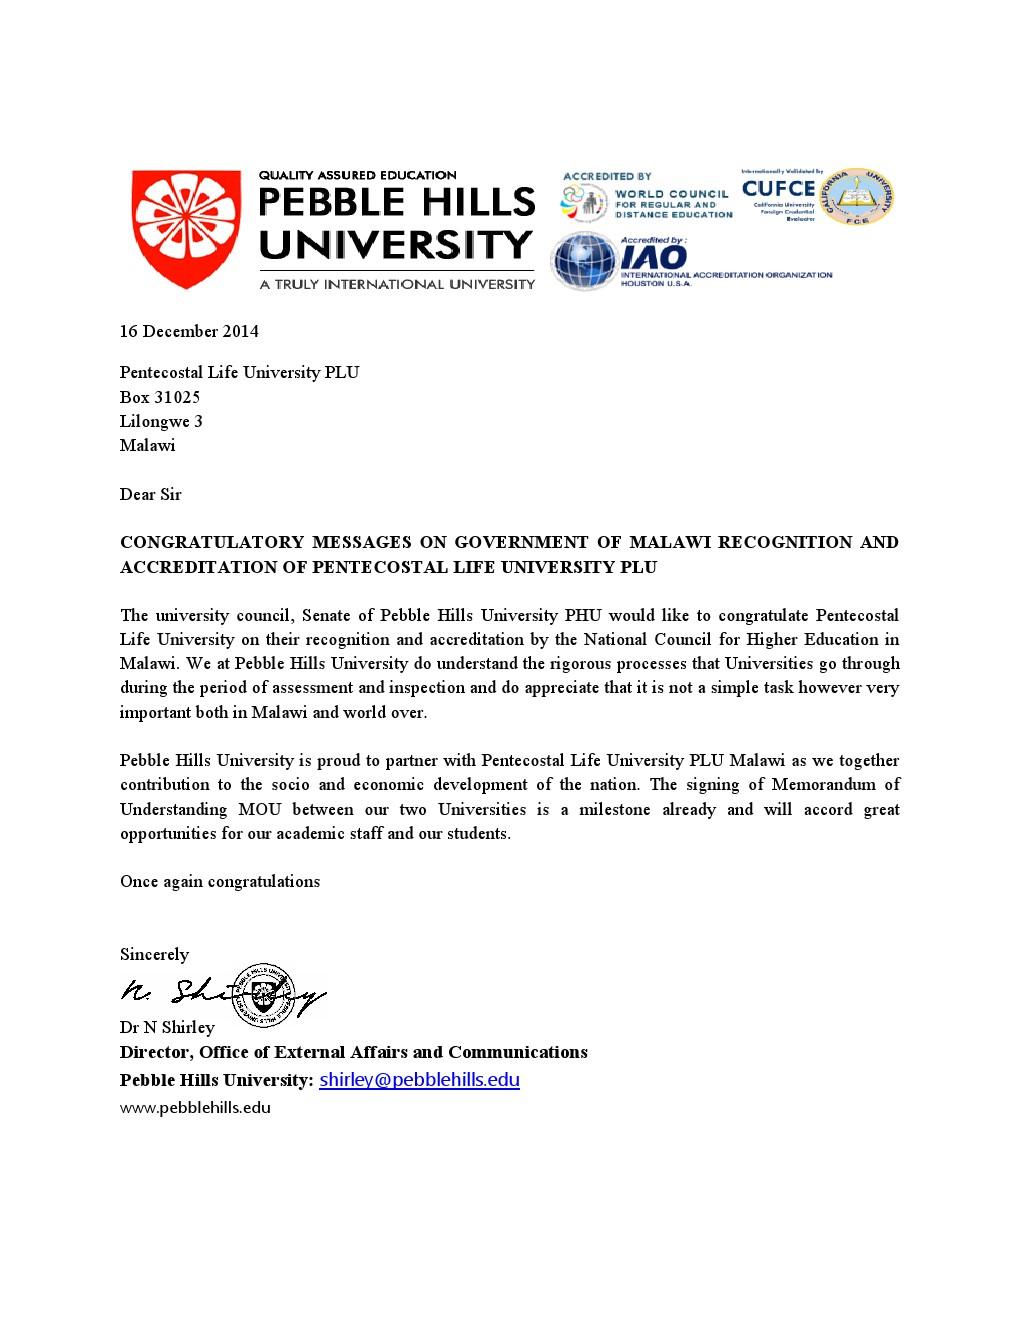 Pebble hills university congratulation letter